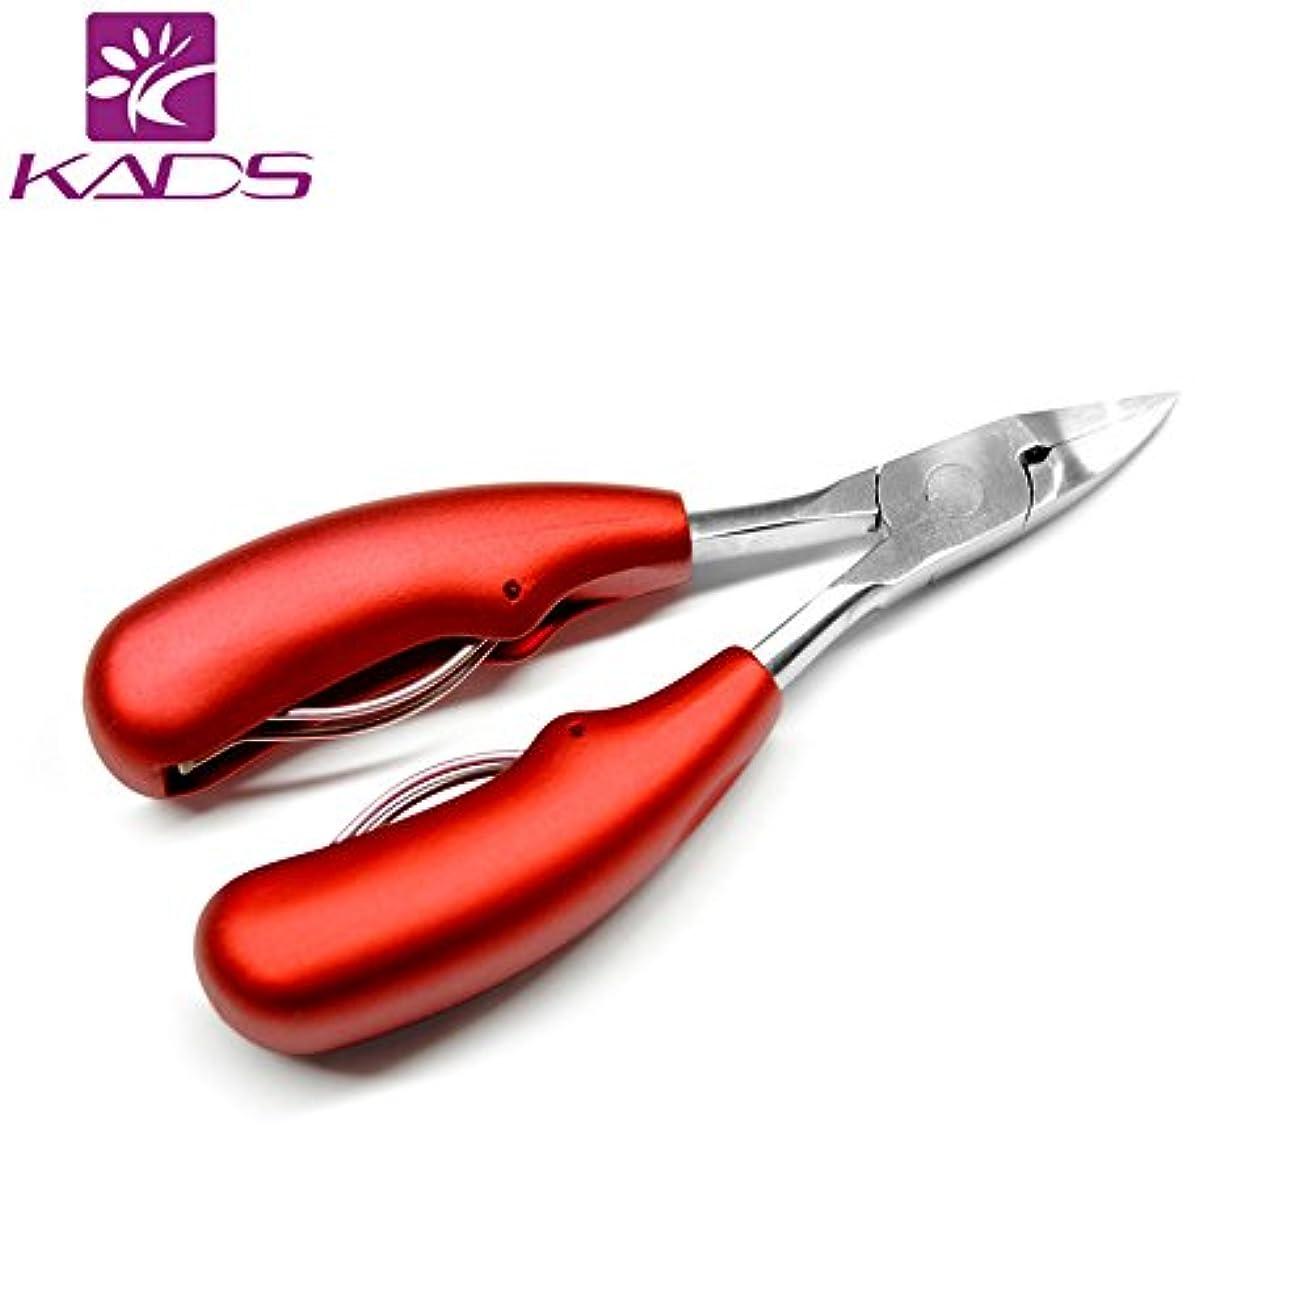 ブレーキ畝間運河KADS 爪切りニッパー 巻き爪/硬い爪に対応 高品質ステンレス製 滑り止め加工 厚手のハンドル(アカ)